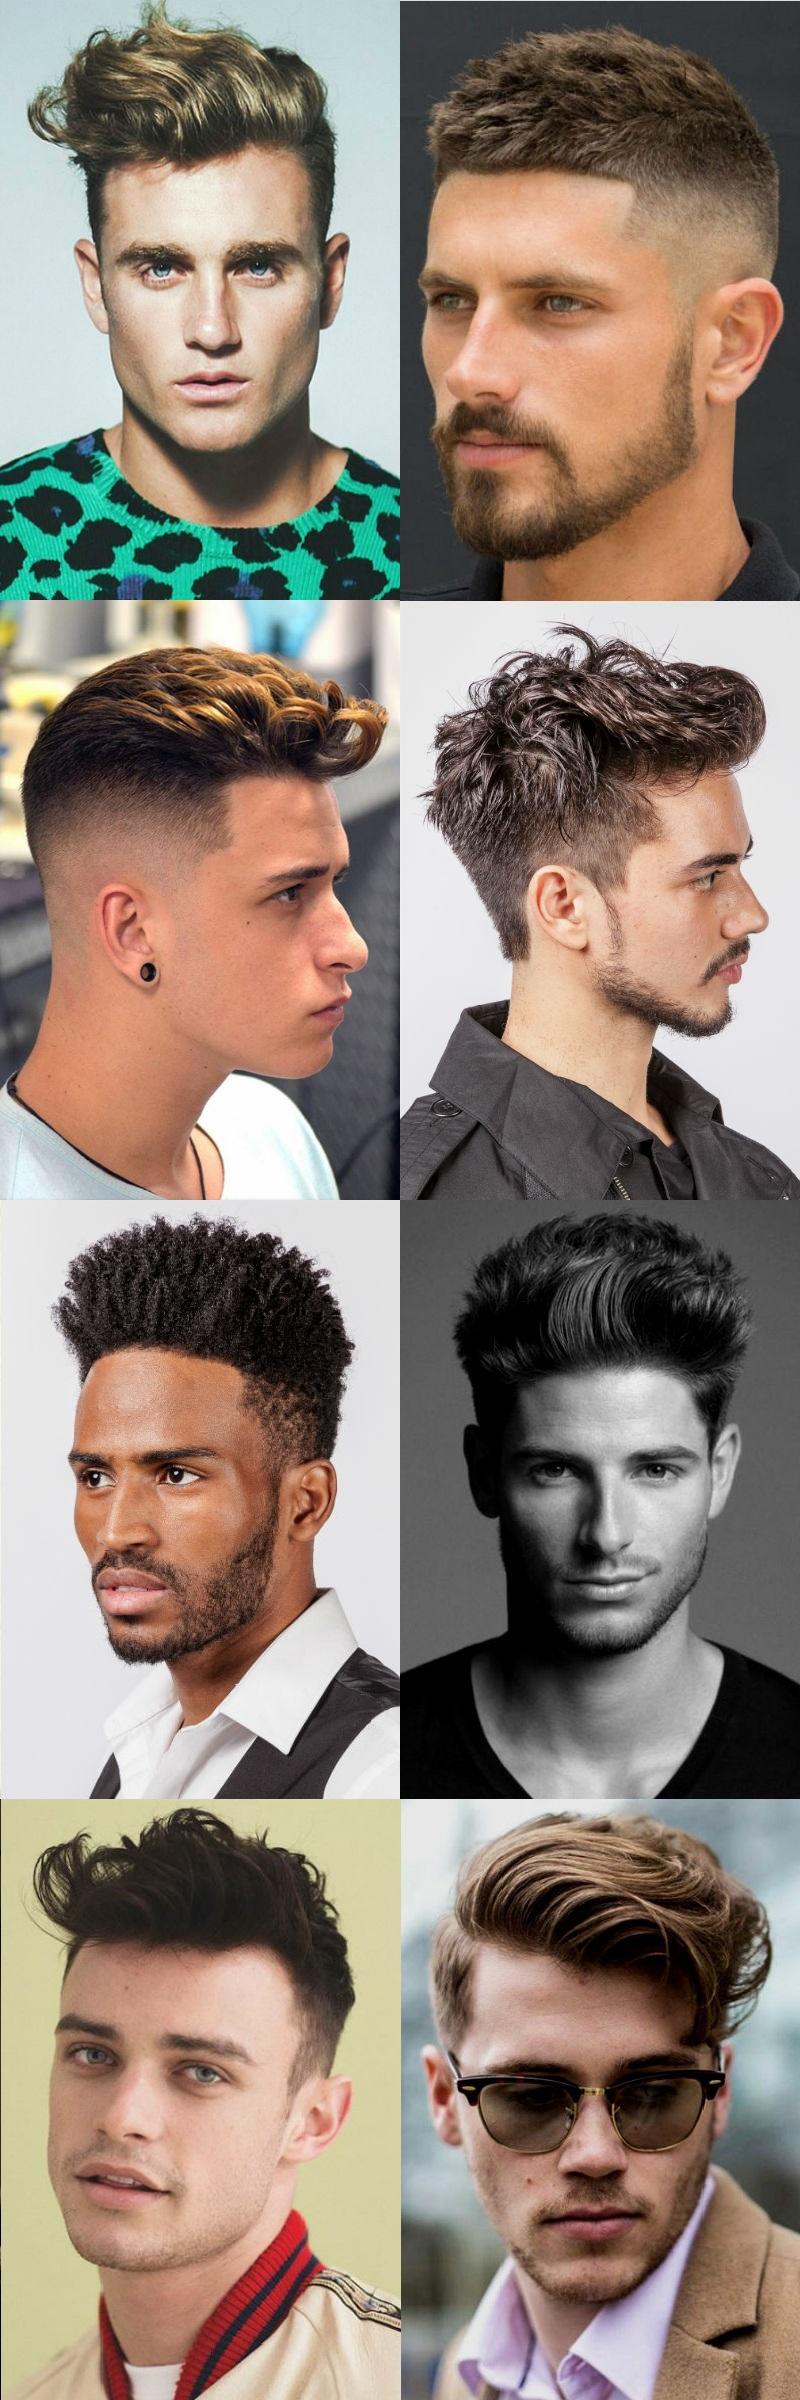 homem-no-espelho-cortes-de-cabelo-masculinos-2017-textura-e-movimento